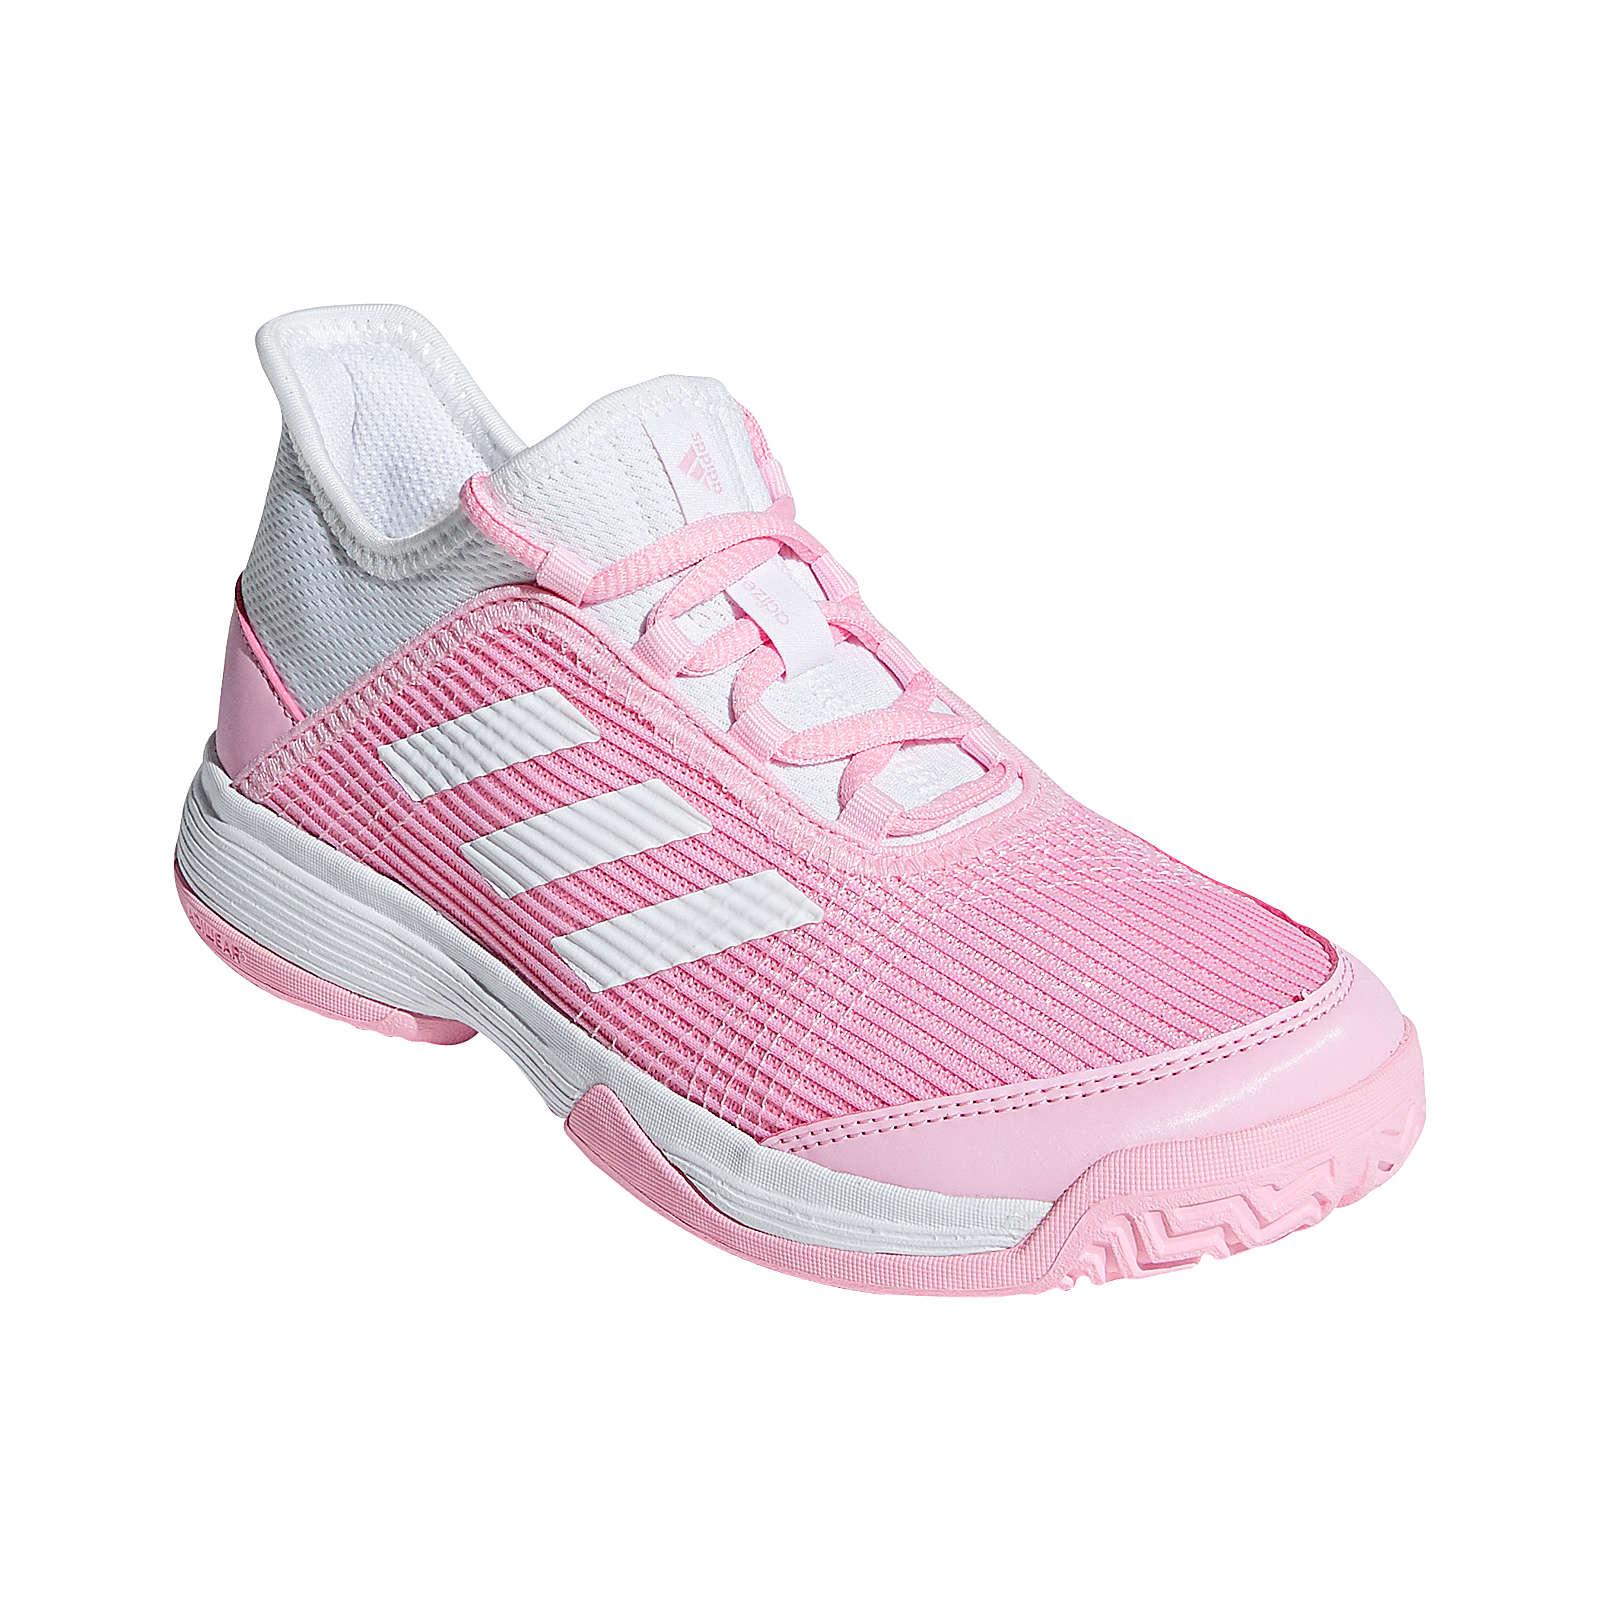 adidas Performance Sportschuhe ADIZERO CLUB K für Mädchen rosa Mädchen Gr. 29